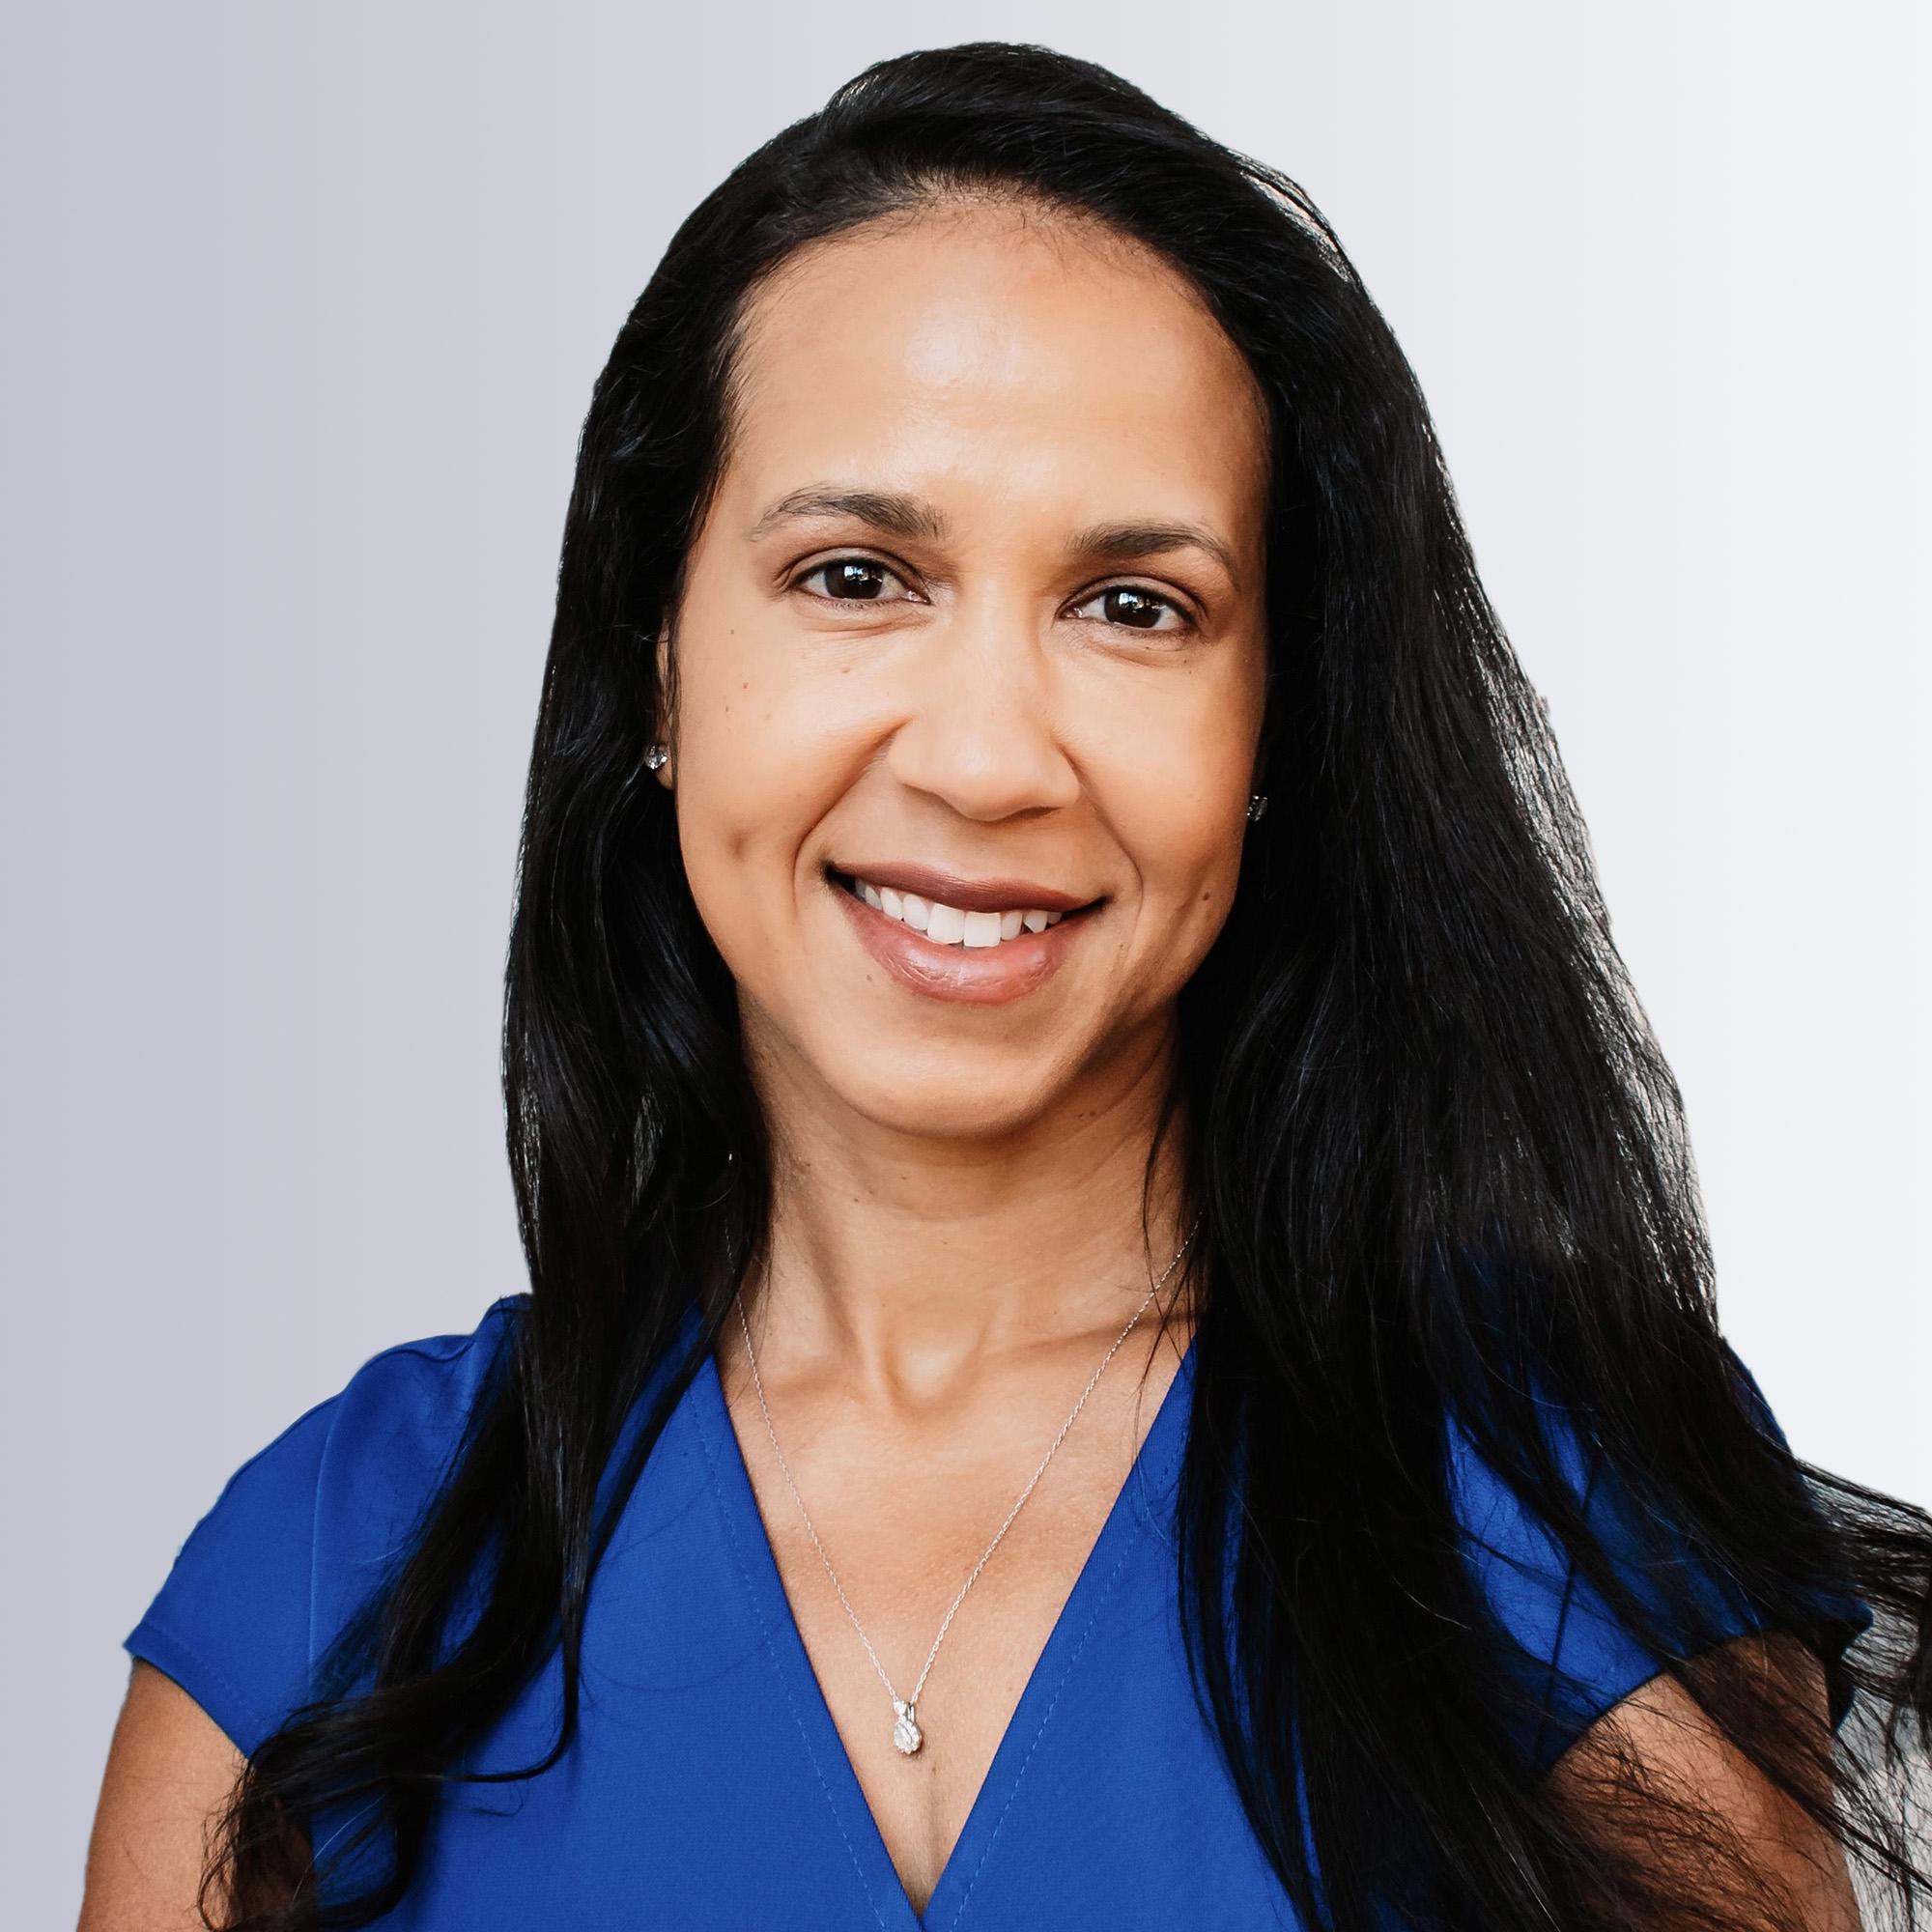 Maria Lorio